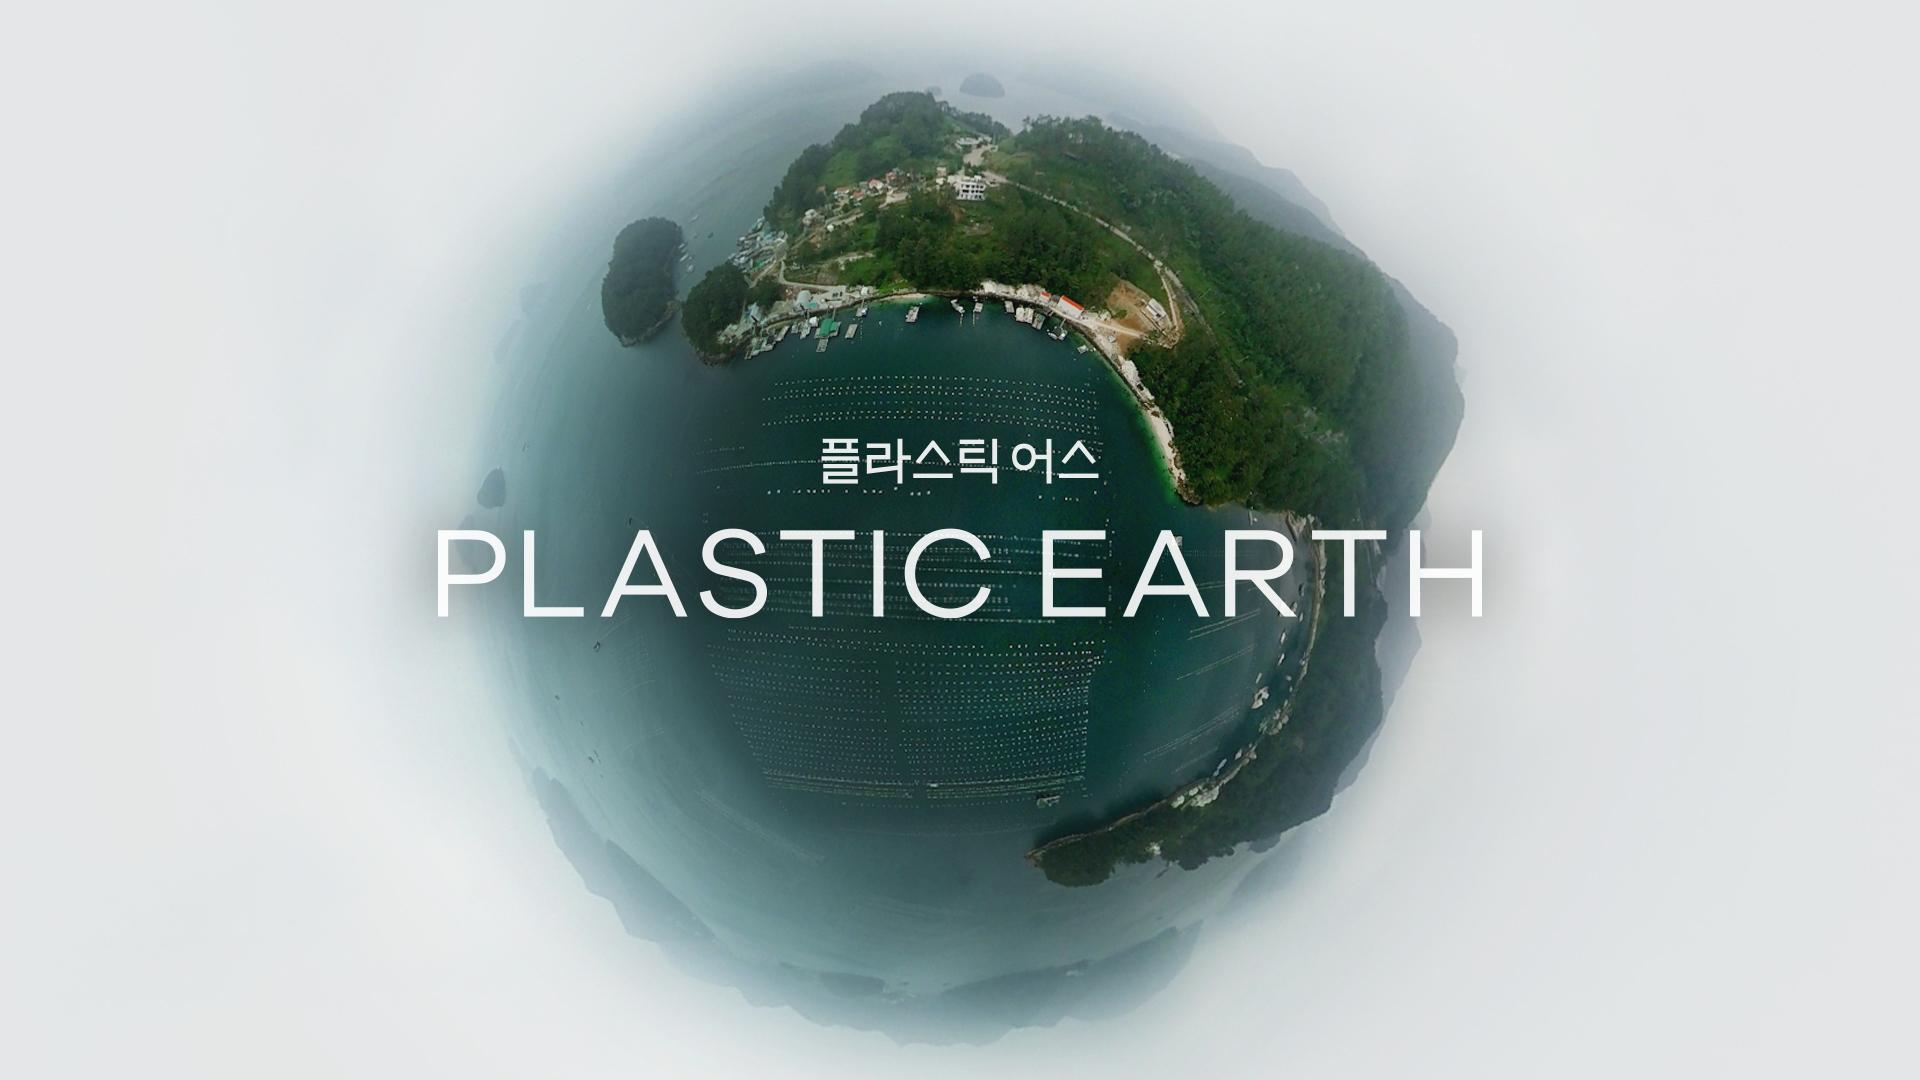 콩단백 비닐, 파스타 빨대, 종이 콜라병…지구가 웃는다